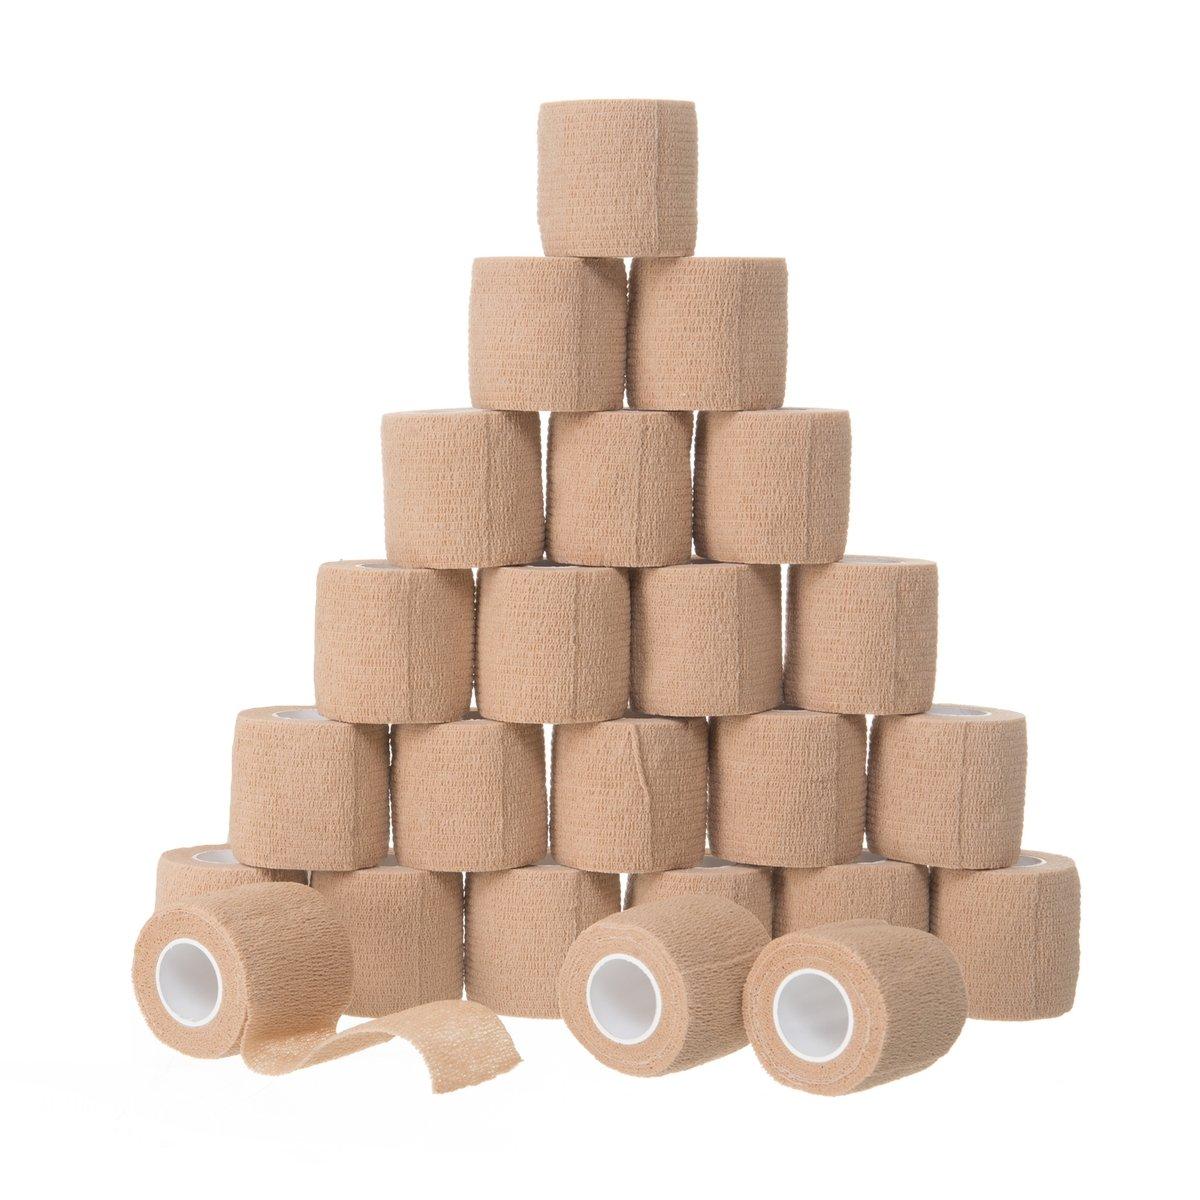 10Pcs Sports Athletic Tape Self-adhesive Bandages Premium-Grade Medical Stretch Wrap Pet Elastic Cohesive Bandage Elastoplast